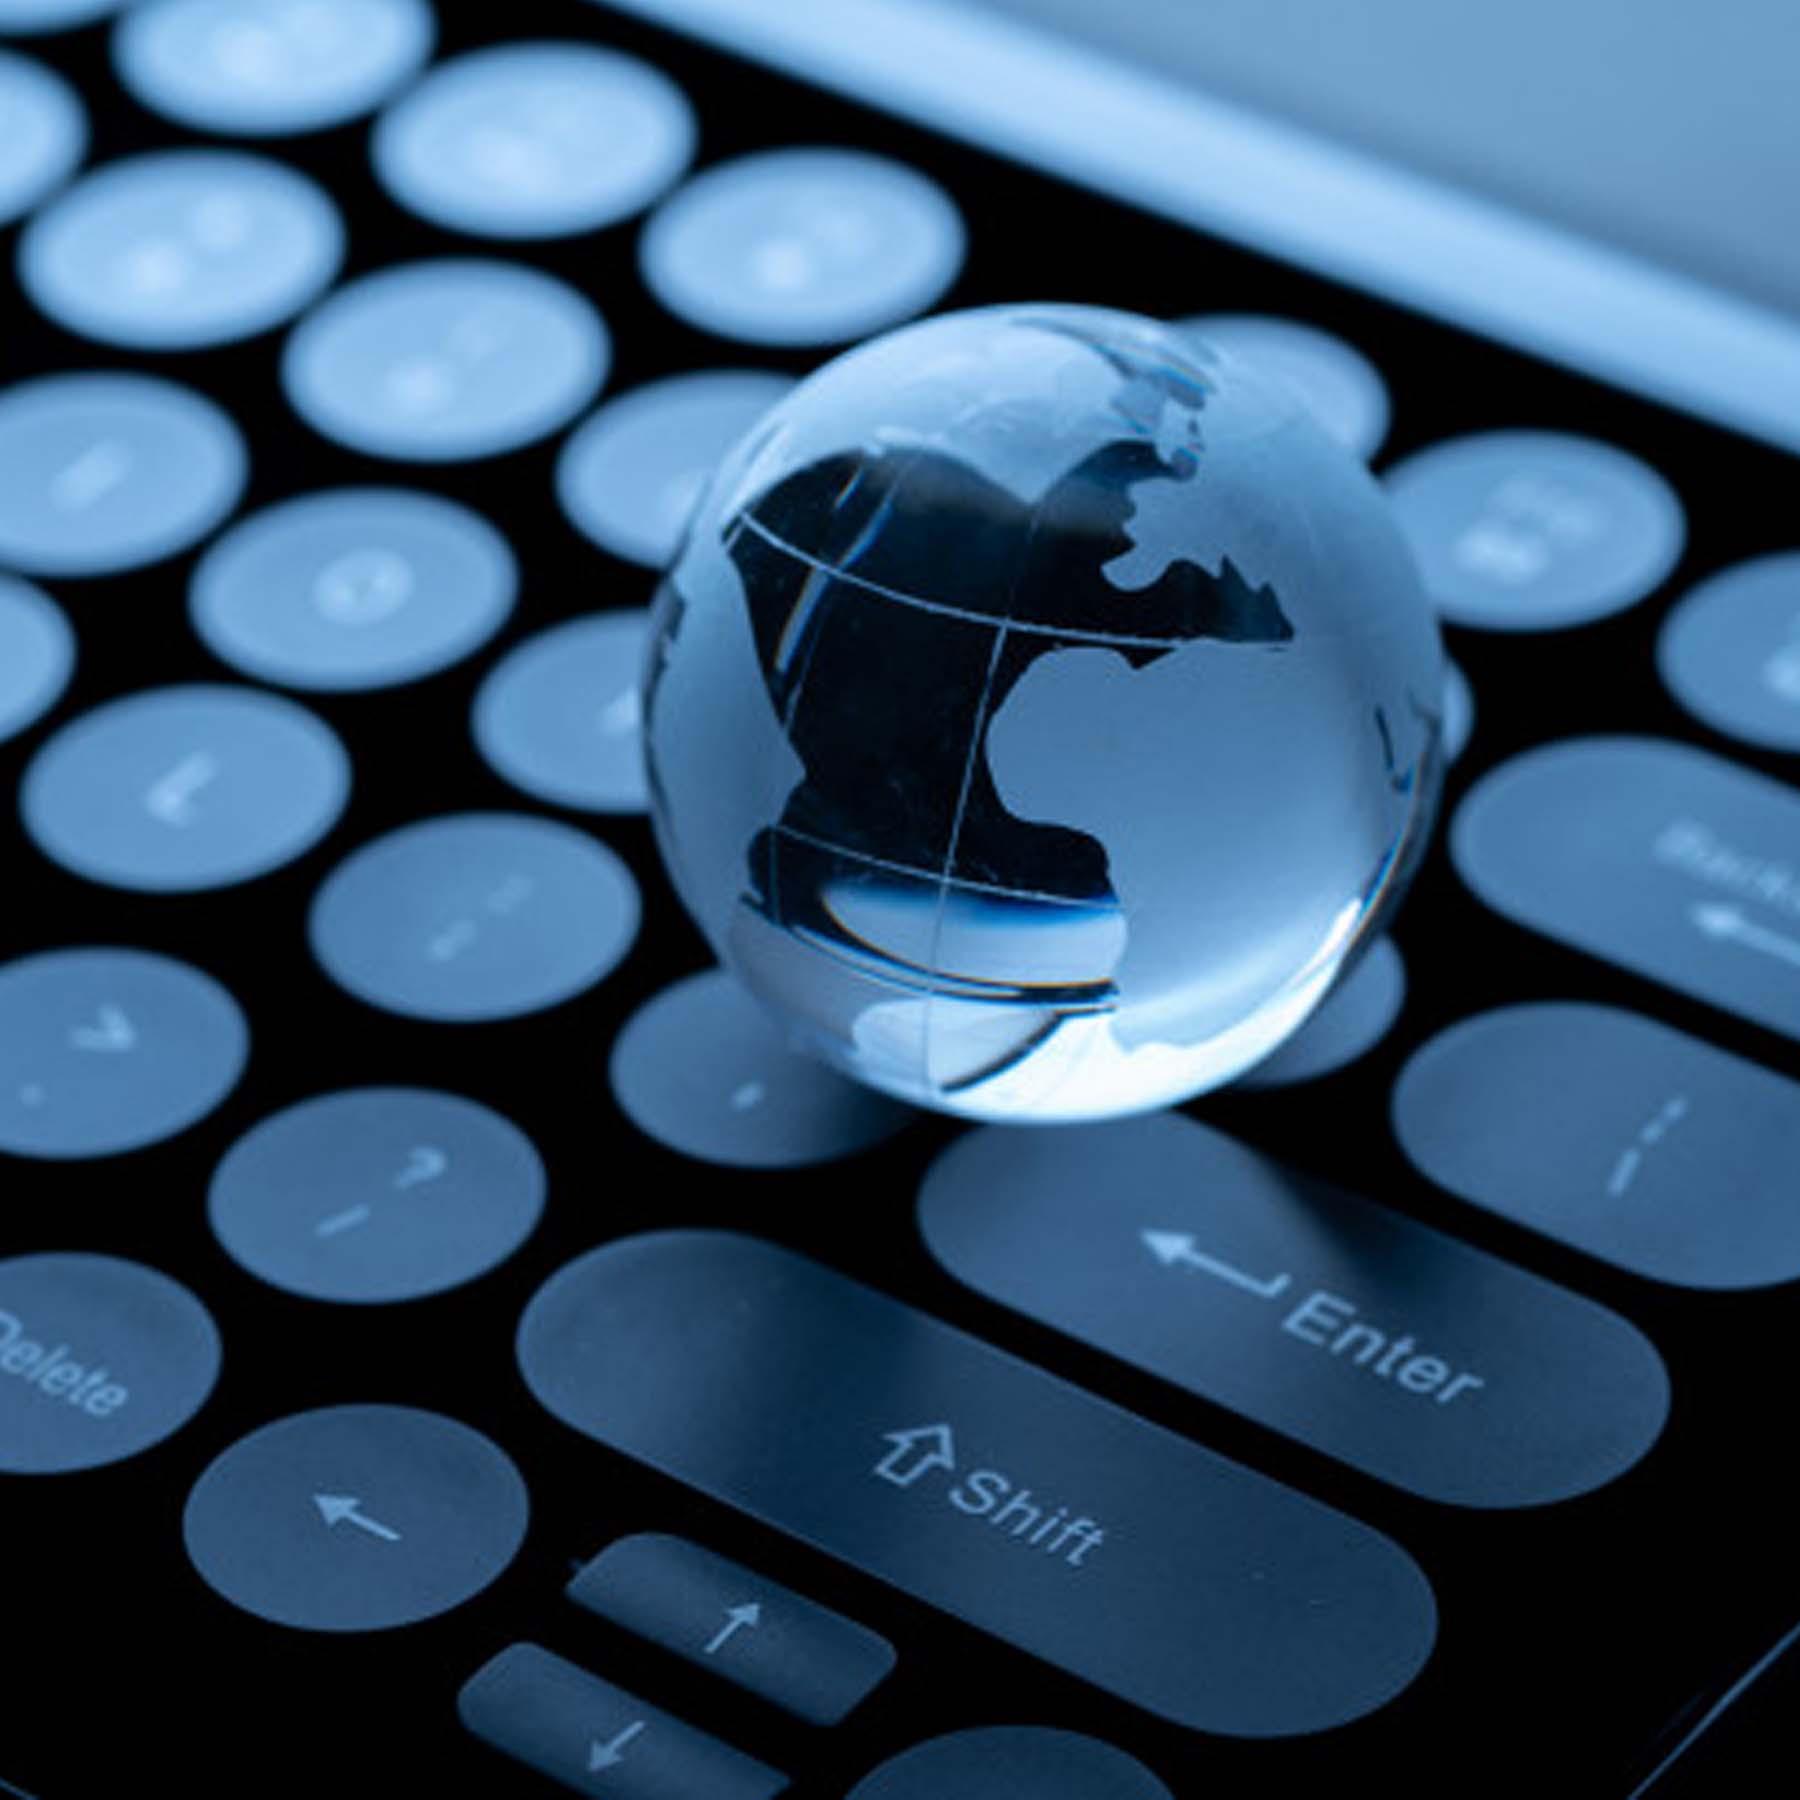 تلفن مرکز مشاور کسب و کارهای آنلاین